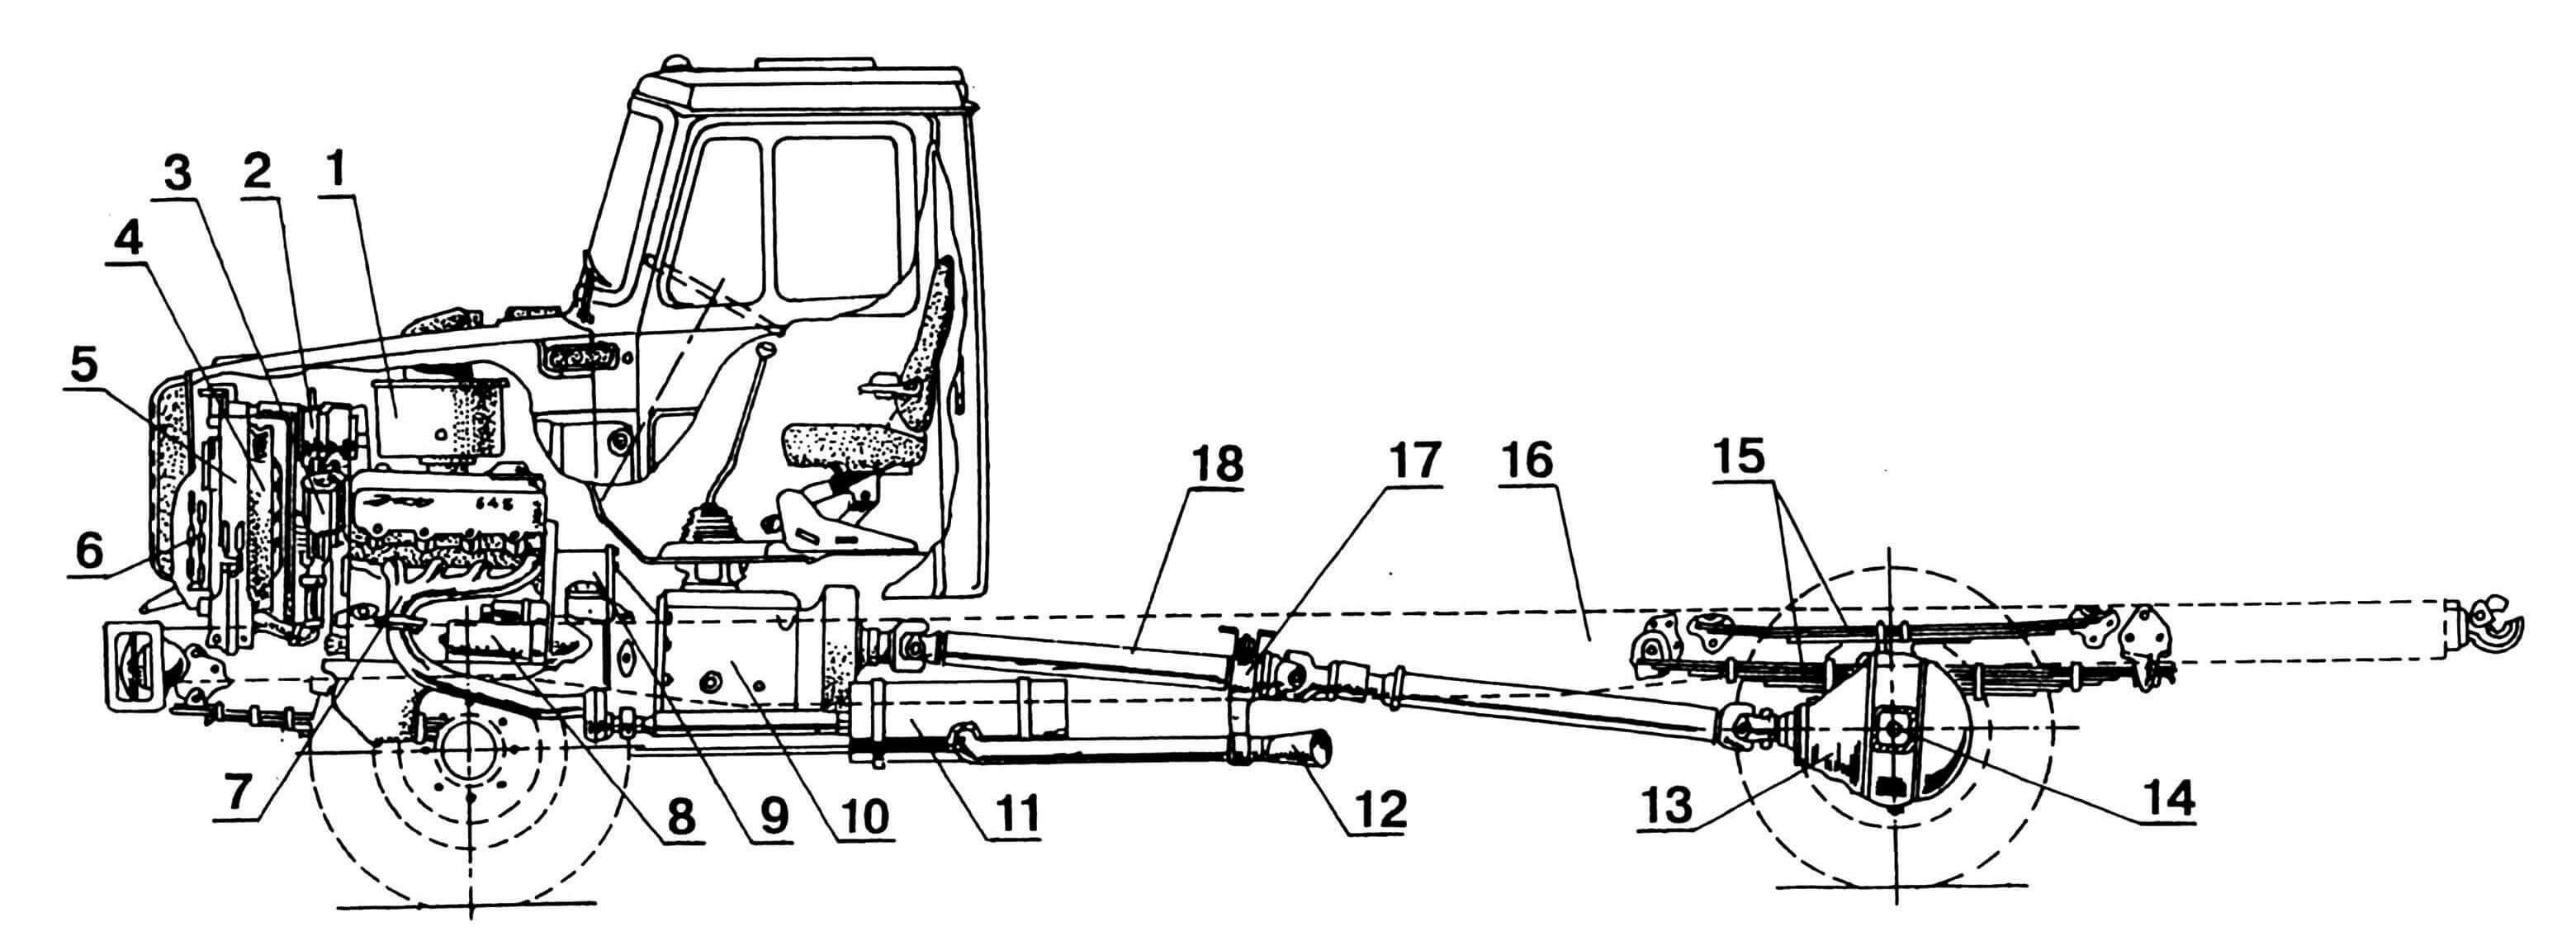 Продольный разрез автомобиля: 1 — фильтр воздушный, 2 — генератор, 3 — фильтр масляный, 4 — кожух вентилятора, 5 — радиатор системы отопления, 6 — радиатор масляный, 7 — коллектор двигателя выпускной, 8 — стартер, 9 — сцепление, 10 — коробка переключения передач, 11 — глушитель, 12 — труба выхлопная, 13 — мост задний, 14 — полуось заднего моста, 15 — рессоры, 16 — рама, 17 — опора карданного вала промежуточная, 18 — вал карданный.